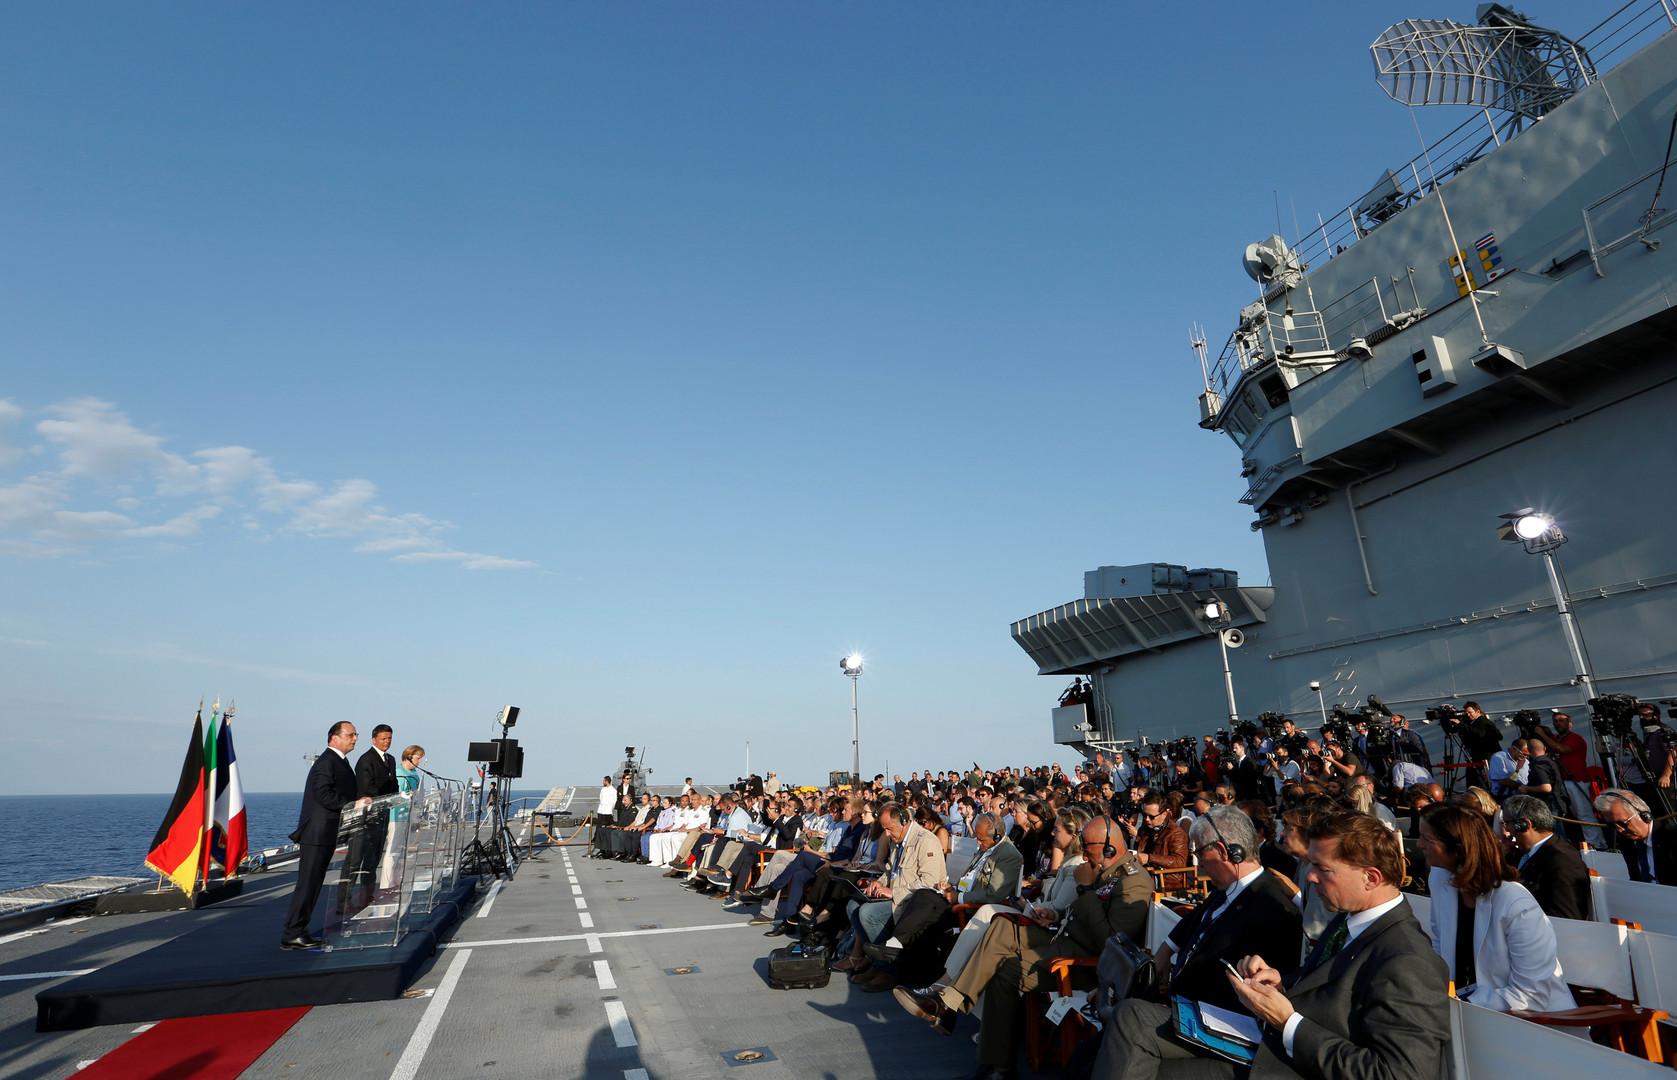 EU-Spitzengipfel auf dem 'Traumschiff': Symbolpolitik oder wirklicher Neustart der EU?